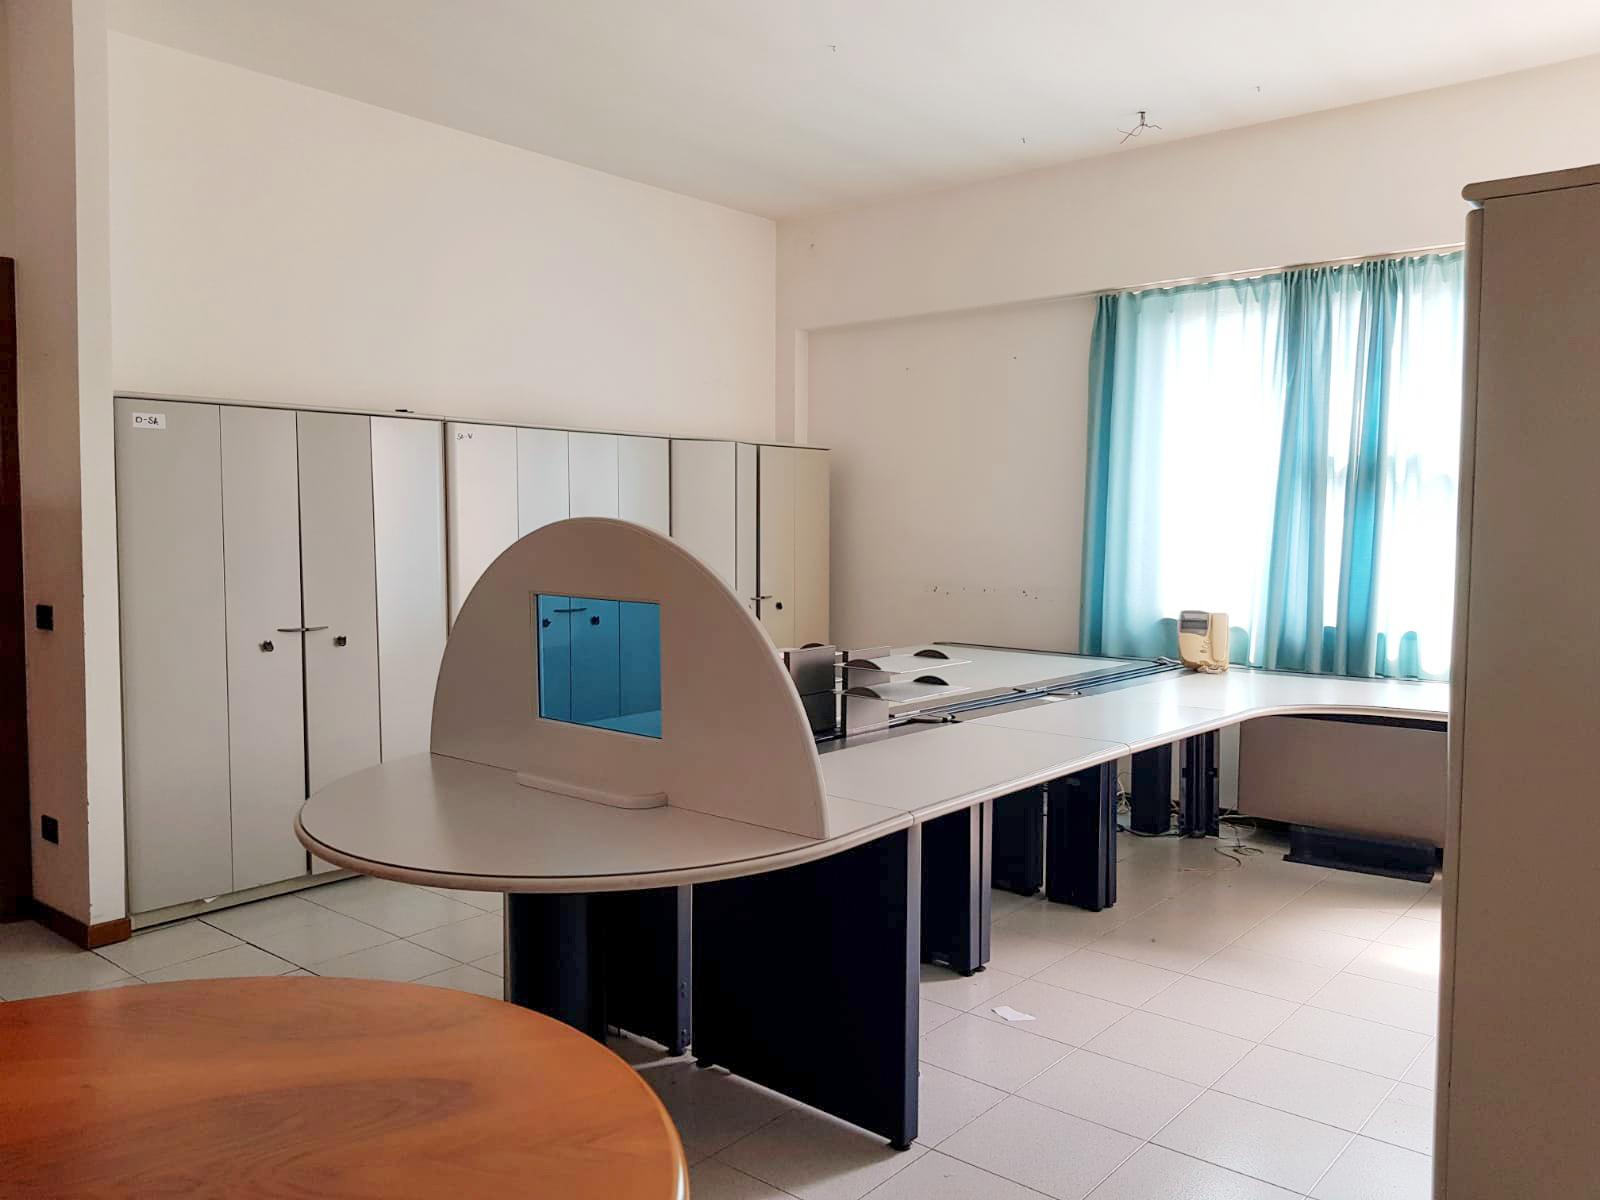 Ufficio In Affitto A San Giovanni Lupatoto